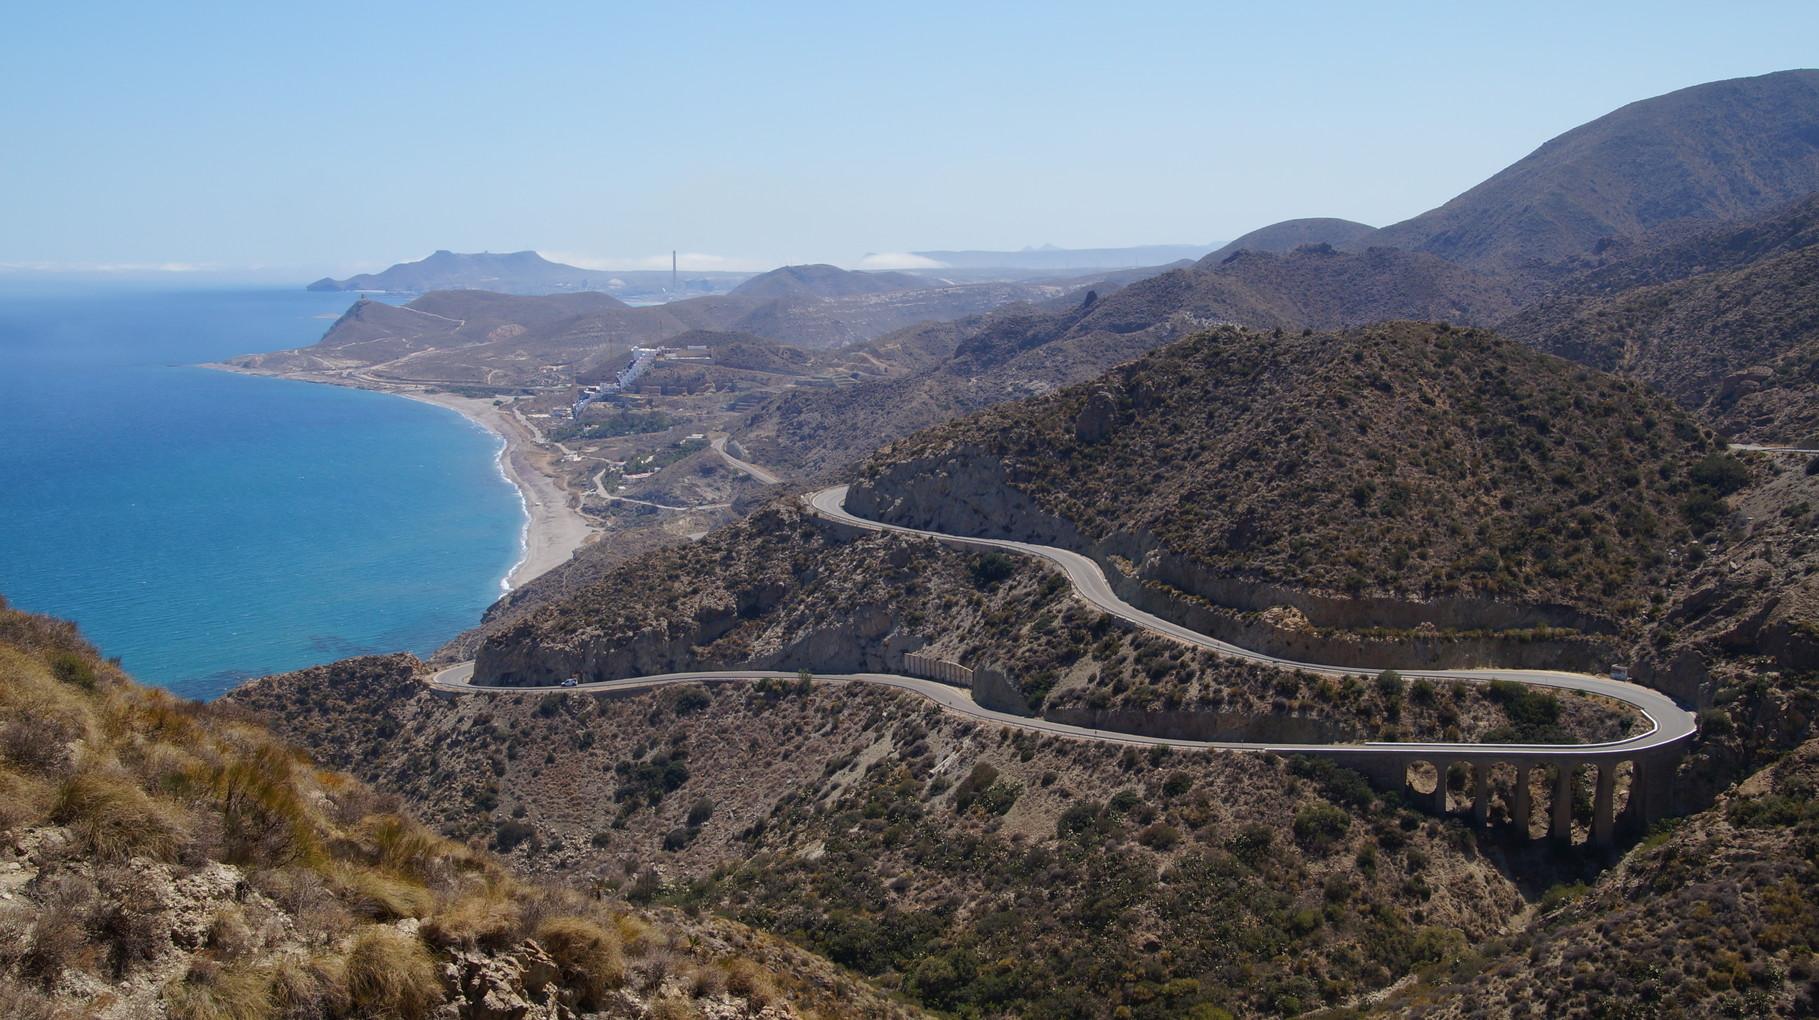 <B>Entlang der Costa Cálida, der heißen Küste, geht es nach Norden.</B>